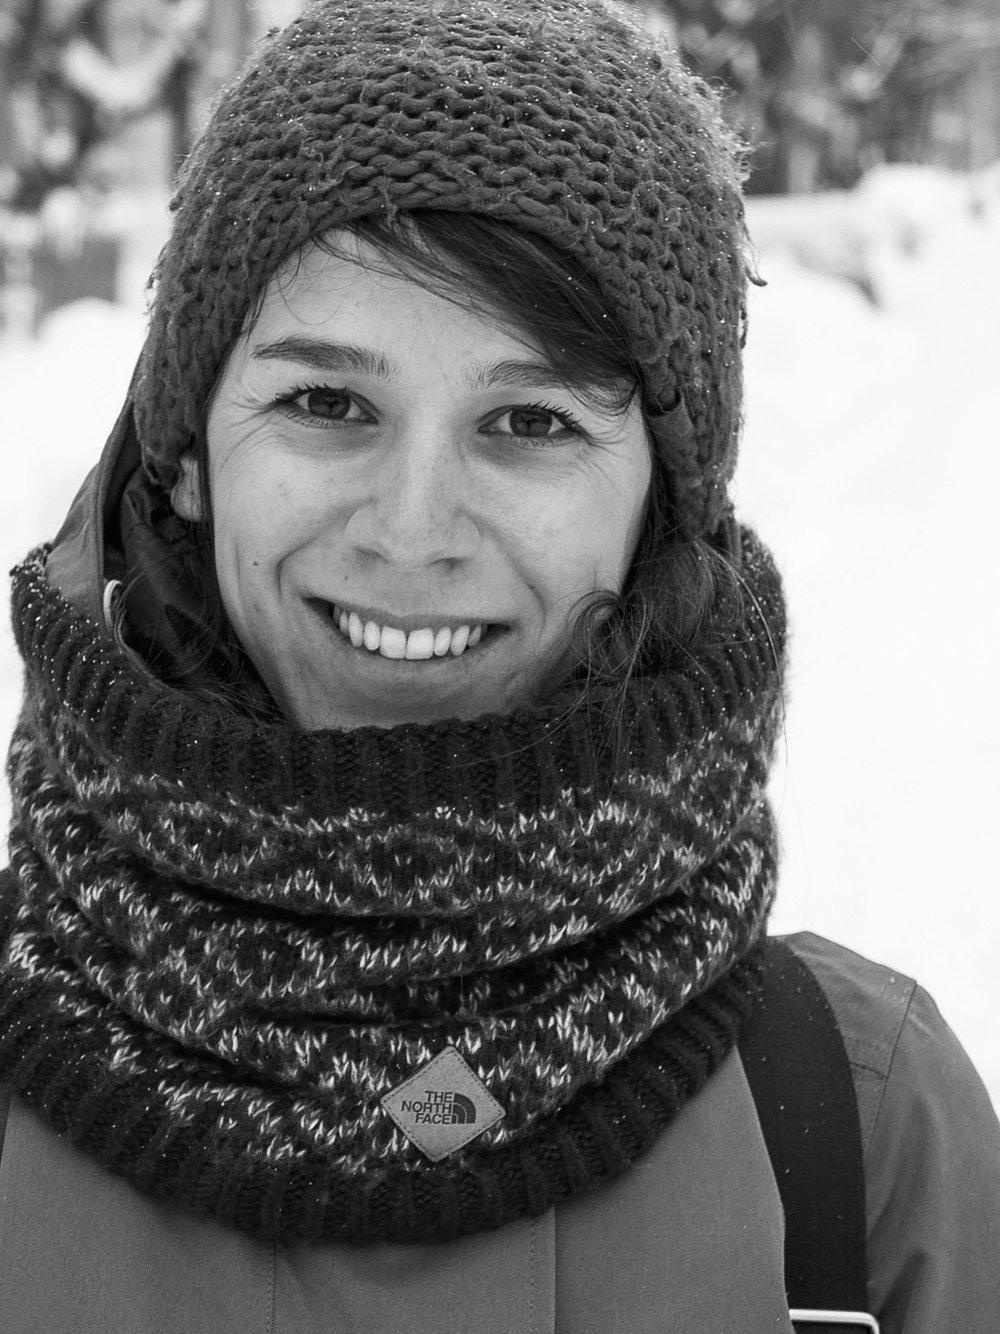 Samimé Ozem - PrésidentePrésidente de l'organisme, Samimé est également la co-fondatrice de l'association lausannoise Les Ripailleuses qui propose des restaurants éphémères autour d'une alimentation locale et saisonnière. Au cours des 18 derniers mois, cette turco-suédoise a profité d'un séjour à Montréal pour réaliser une formation sur les saines habitudes de vie à l'Université Laval et une école d'été en agriculture urbaine à l'Université du Québec à Montréal. Elle a également travaillé dans l'organisme montréalais de sécurité alimentaire Carrefour alimentaire, dont la mission est d'améliorer l'accès à une alimentation saine pour tous en soutenant le développement d'un système alimentaire local, écologique et solidaire notamment par la mise sur pied d'activités participatives. C'est ce panaché d'expériences inspirantes venues d'outre-Atlantique qui la poussée à s'impliquer dans ce projet communautaire qui vise notamment à renforcer la vie culturelle du quartier, mais aussi par ricochet à sensibiliser la population aux questions écologiques et alimentaires, en fournissant des plateformes capables d'accueillir des ateliers à visée éducative, intégrative.